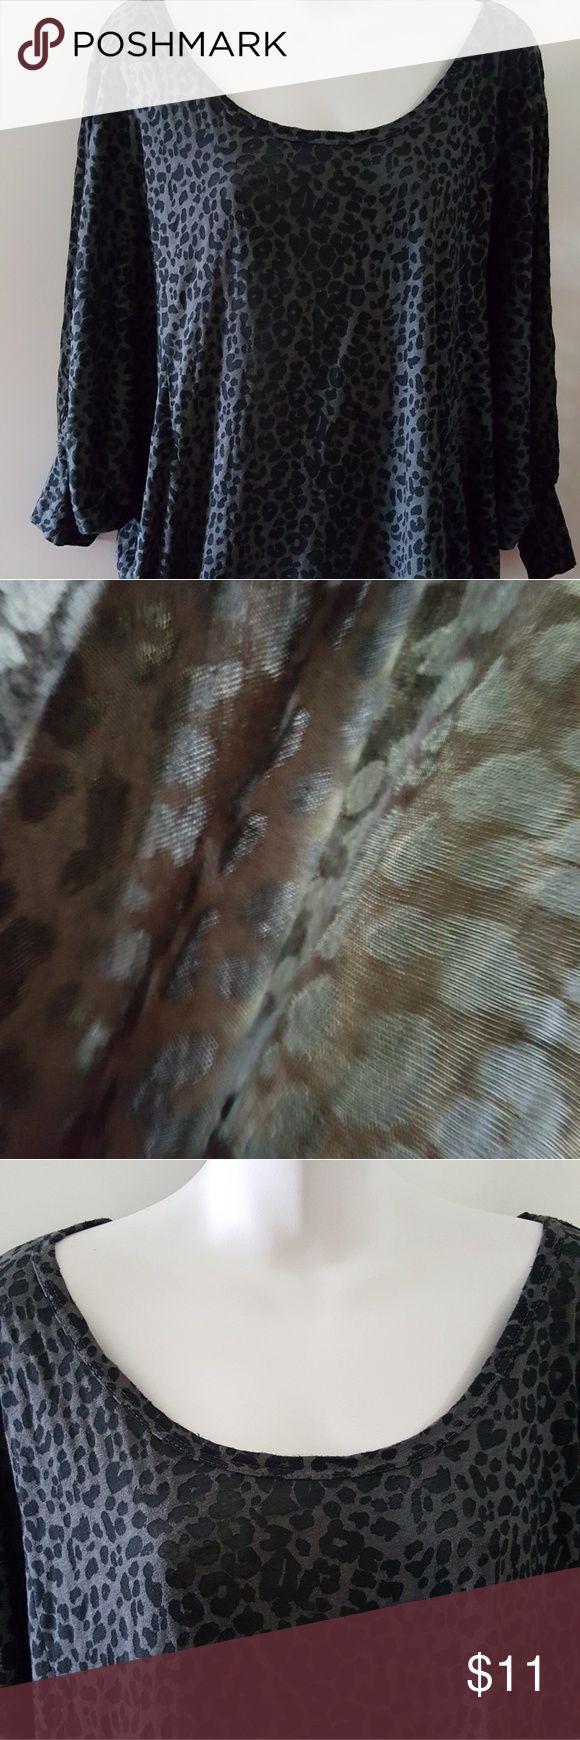 Dark Gray animal print dolman sleeve top Dark gray animal print semi-sheer top with dolman cuffed 3/4 length sleeves.  Very cute and hangs perfectly over a pair of jeans or skirt. Freeloader Tops Tees - Short Sleeve